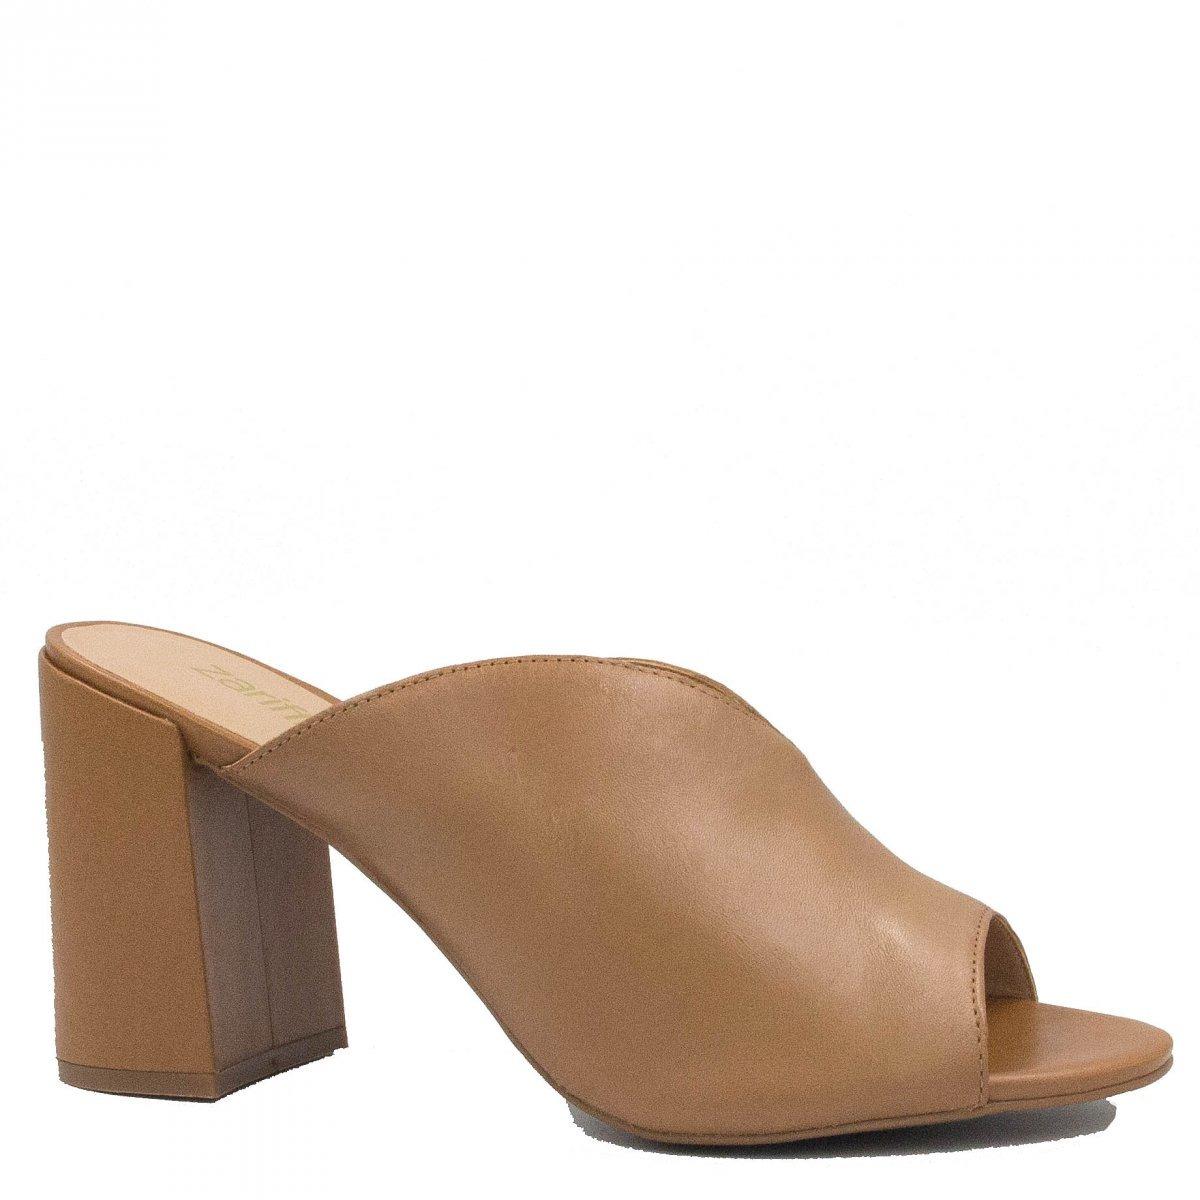 663cbcdf6c mule feminina zariff shoes salto alto em couro marrom 60637. Carregando  zoom.